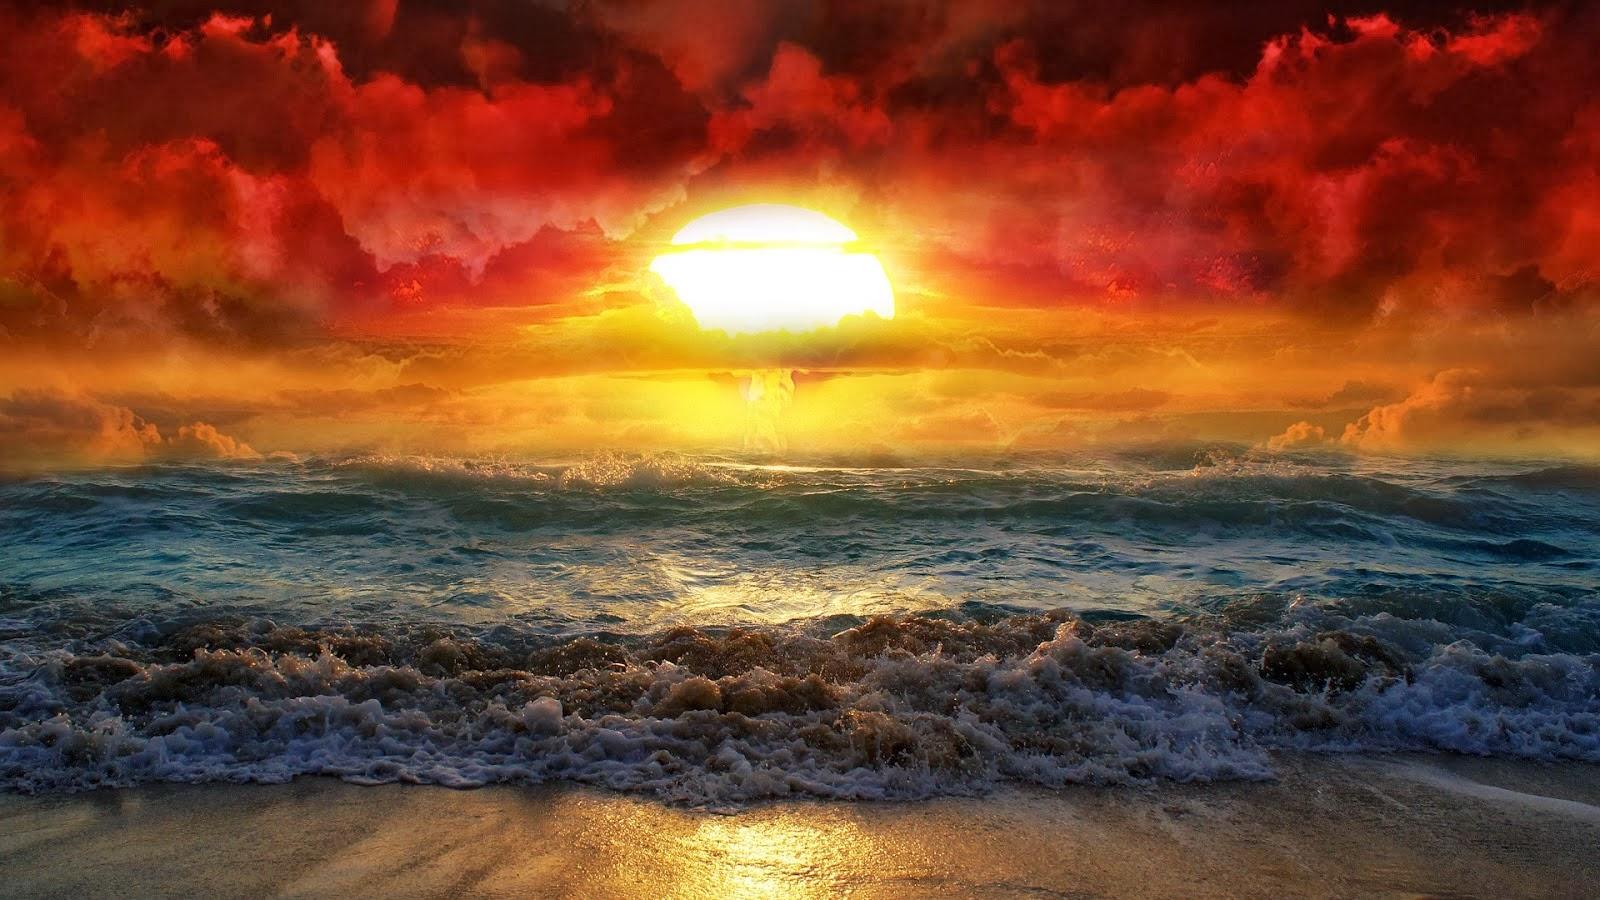 sunset hd wallpapers top hd desktop backgrounds hd widescreen sunset 1600x900